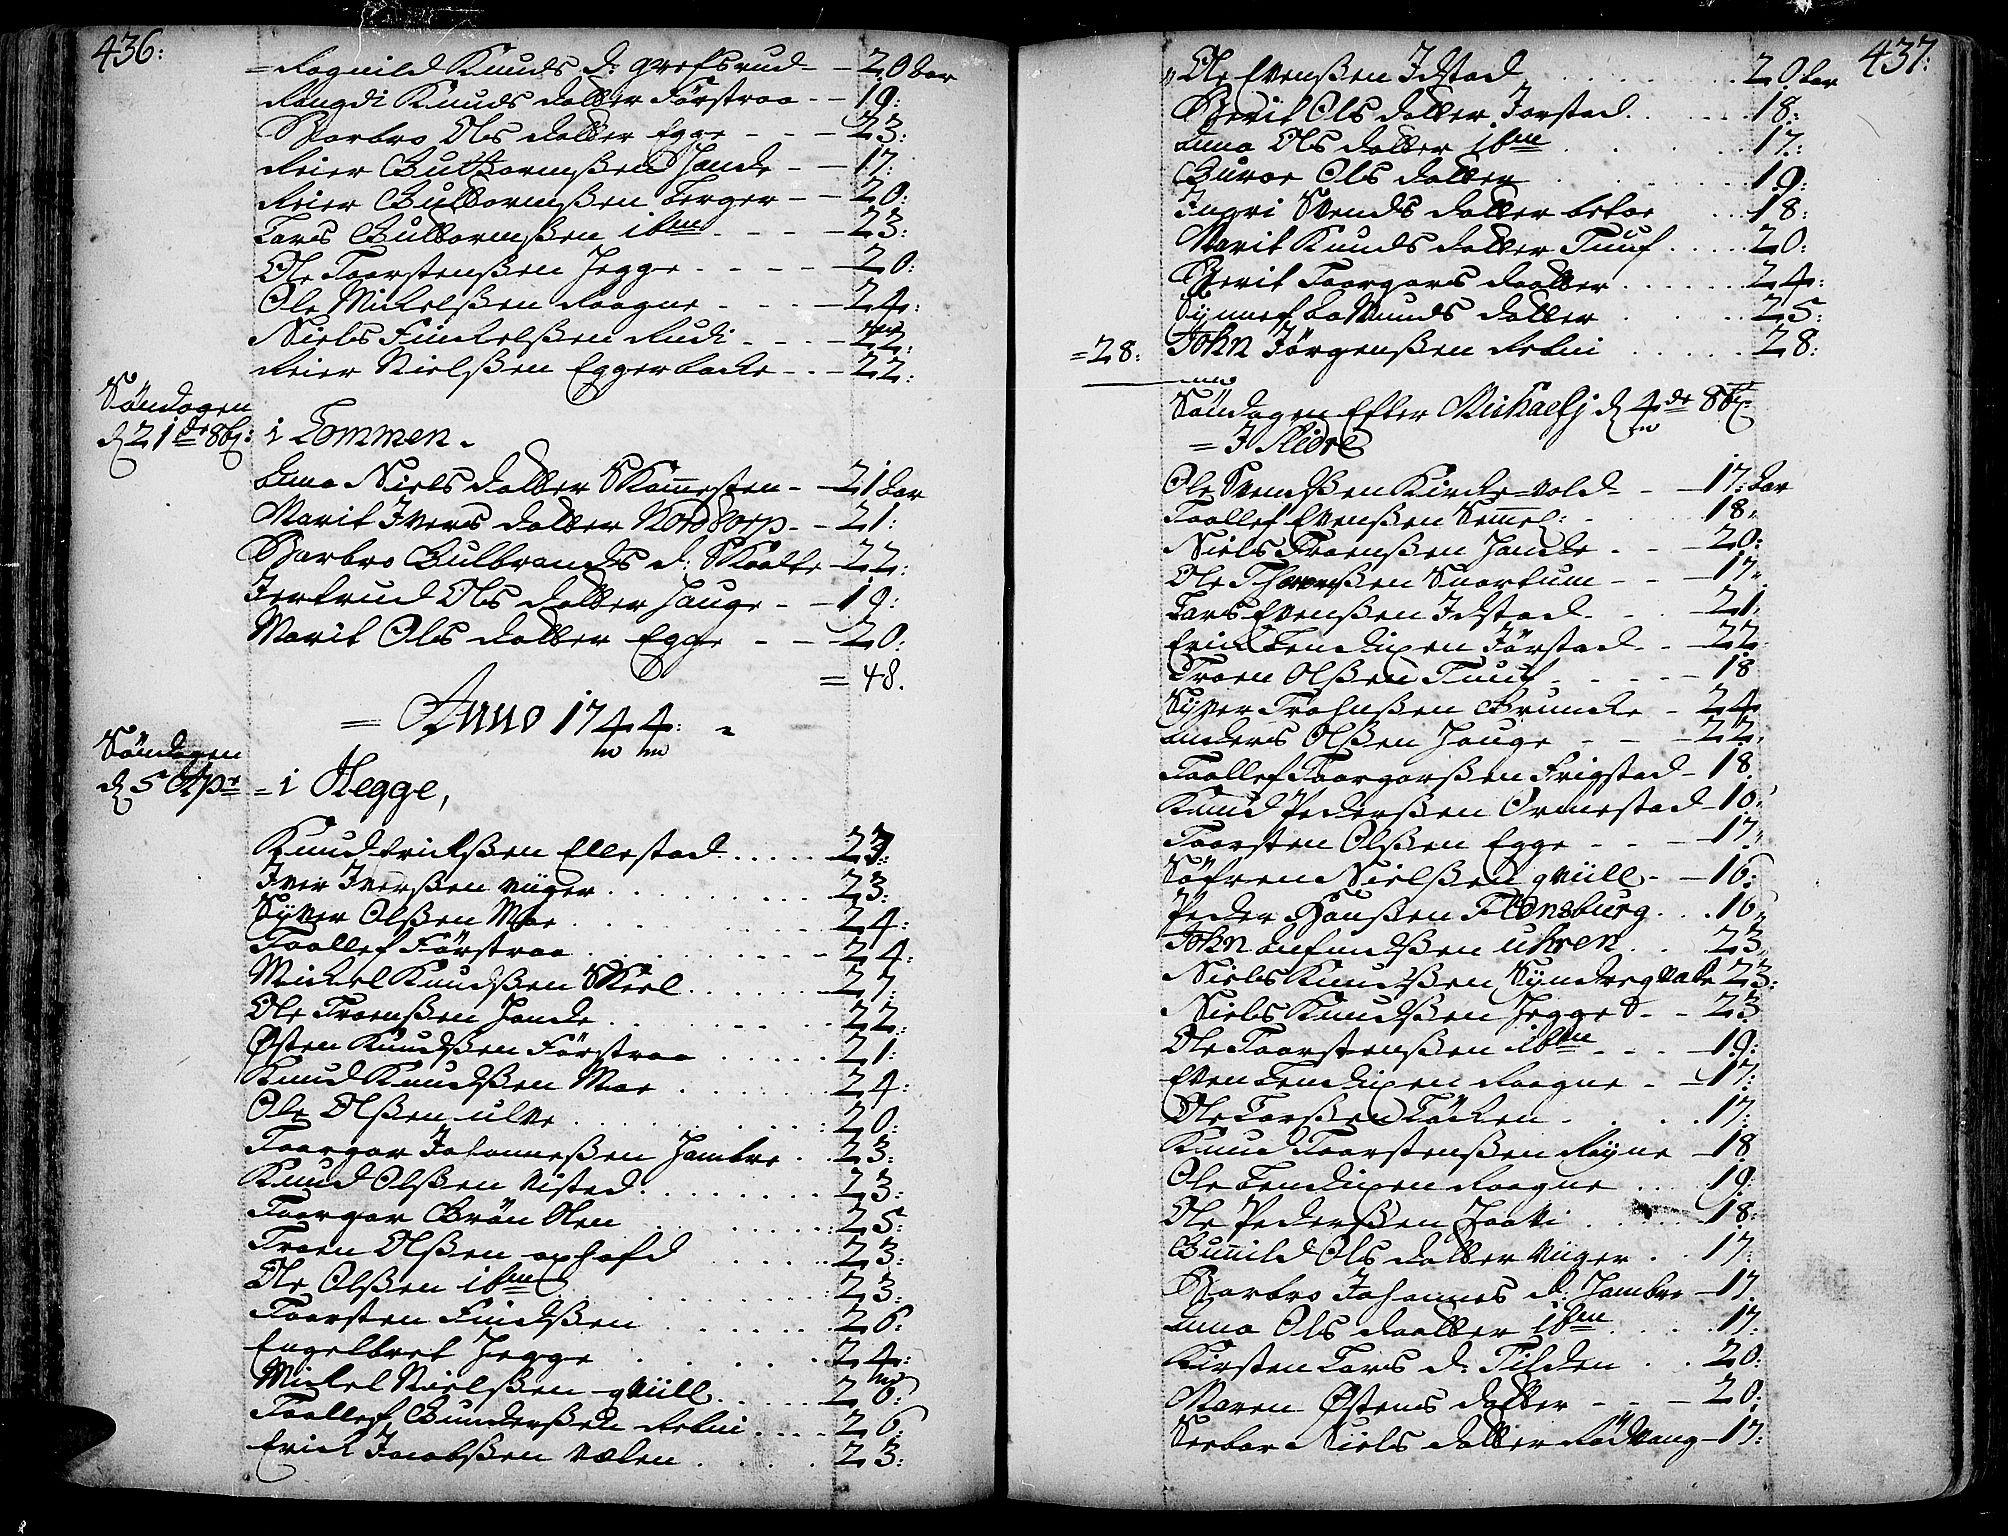 SAH, Slidre prestekontor, Ministerialbok nr. 1, 1724-1814, s. 436-437